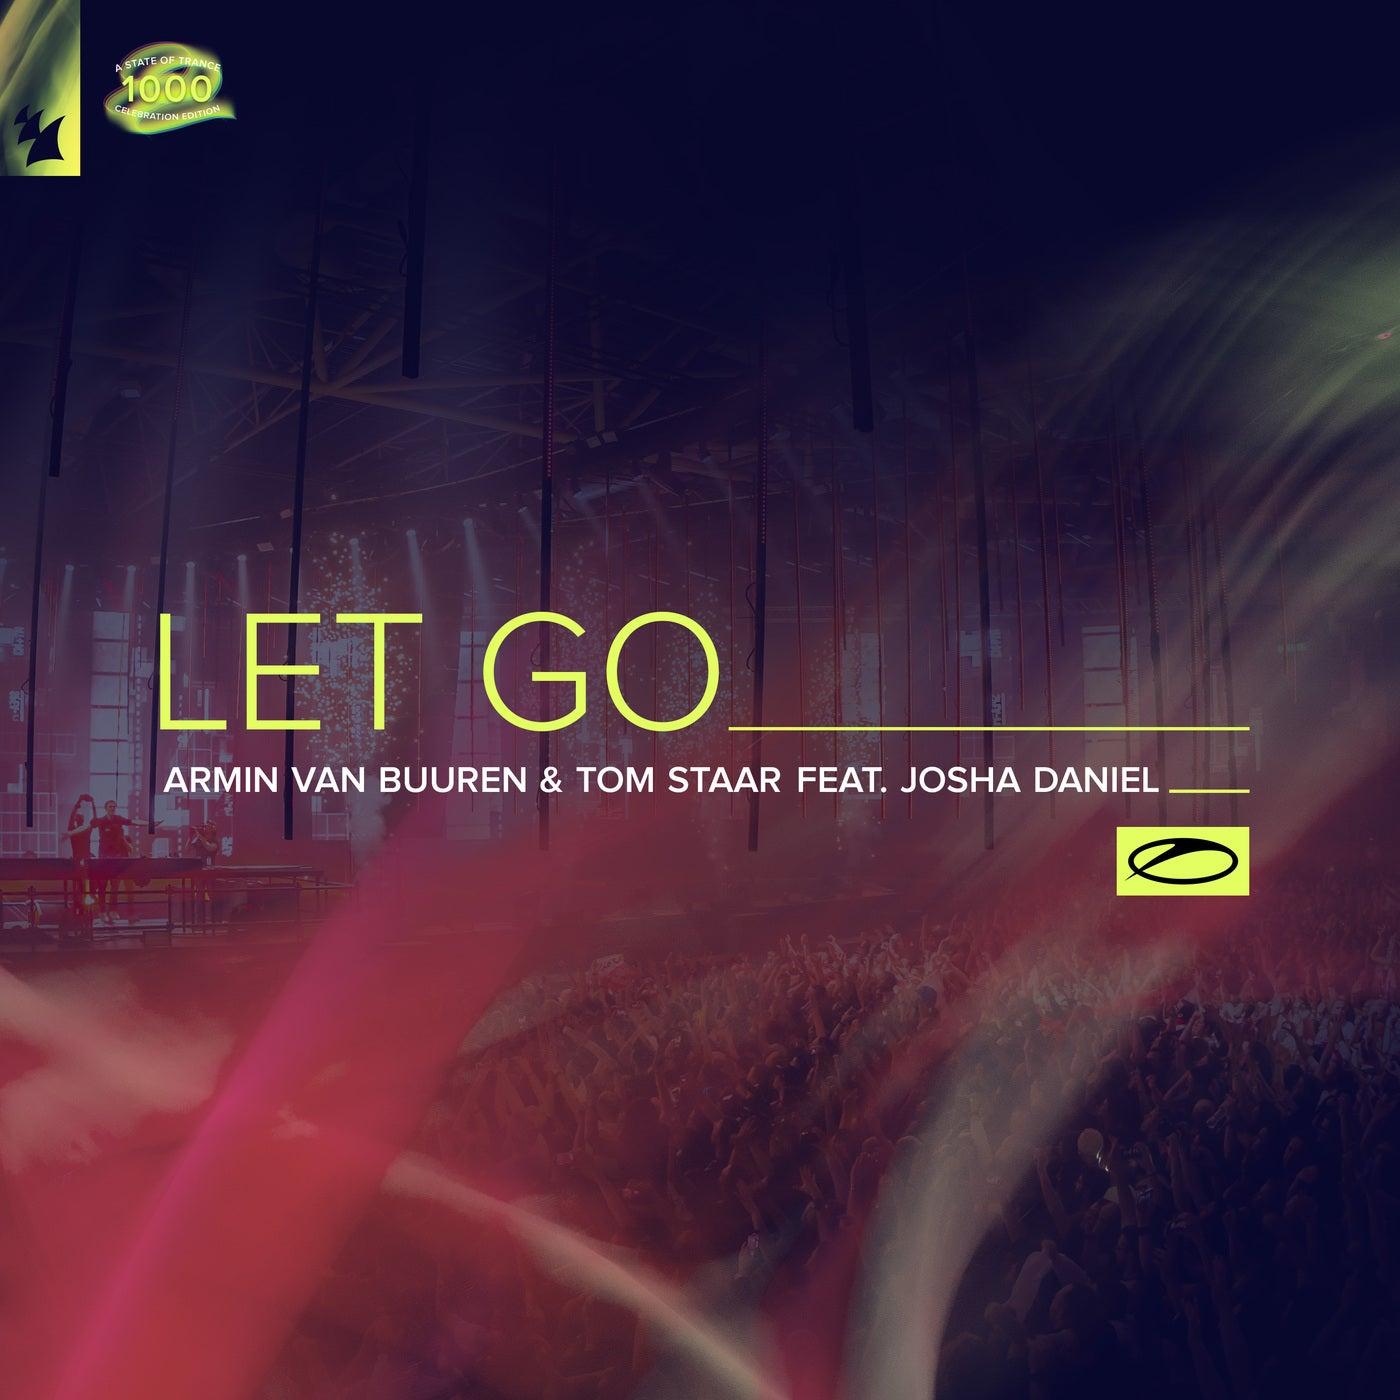 Let Go feat. Josha Daniel (Extended Mix) by Armin van Buuren, Tom Staar,  Josha Daniel on Beatport